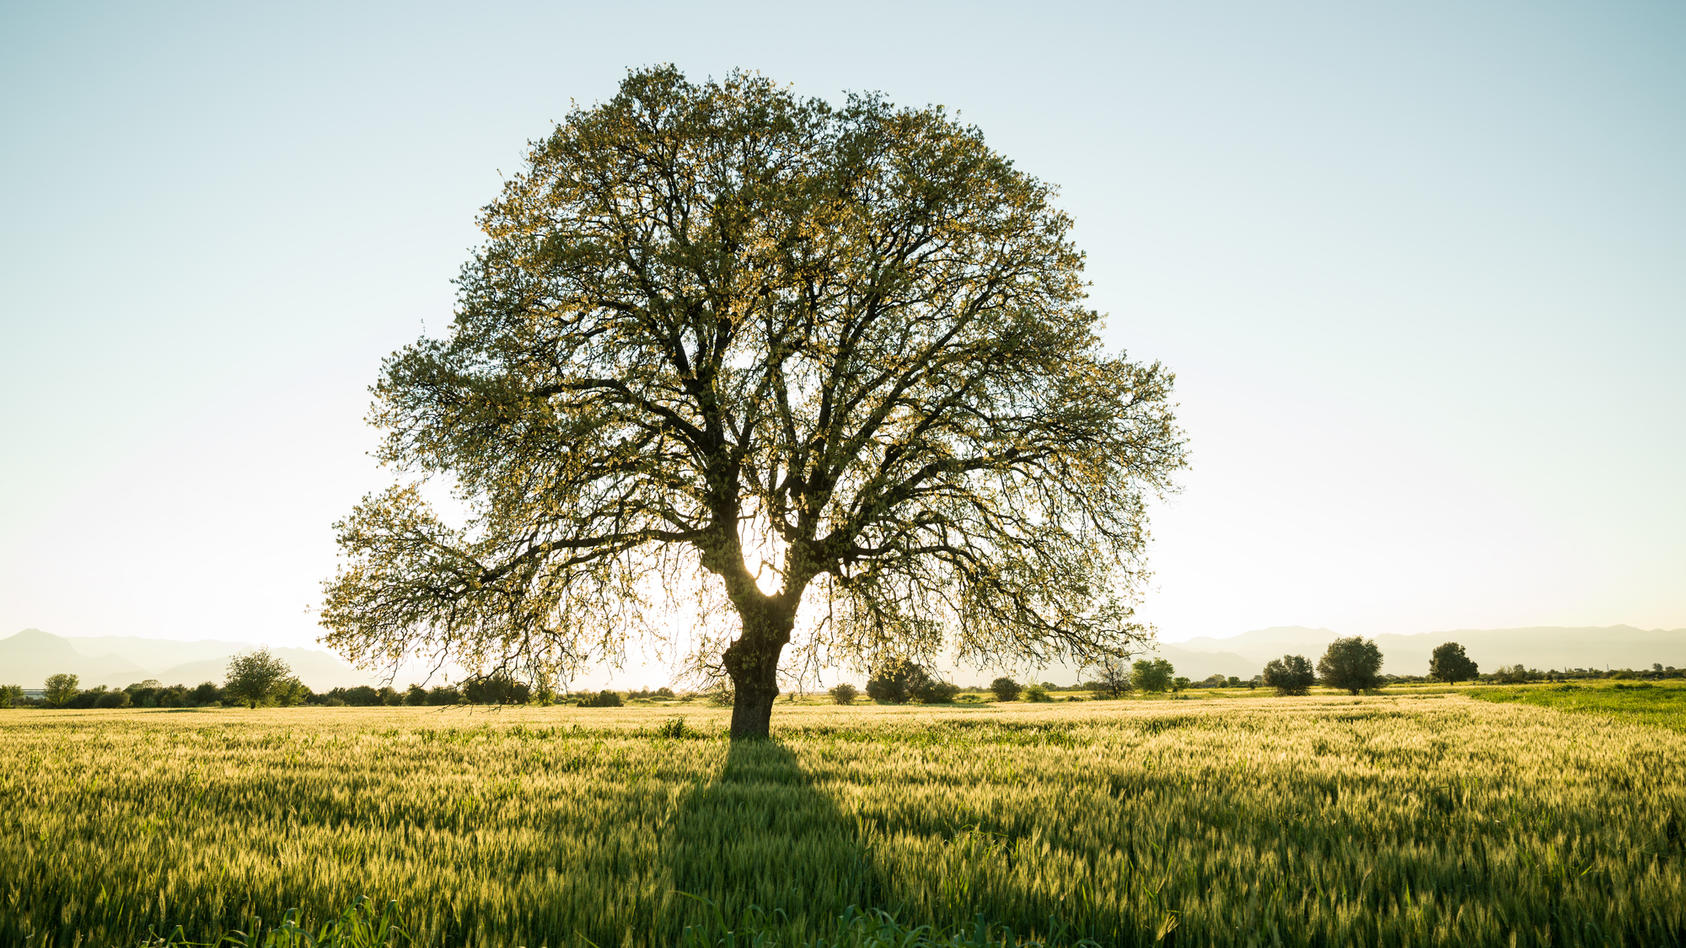 Der Mensch braucht Bäume wie die Luft zum Atmen. Und Bäume sind reine Wunderwerke der Natur. Hochkomplexe Pflanzen, deren Lebensfunktionen den unseren ähnlicher sind, als wir bisher angenommen haben.